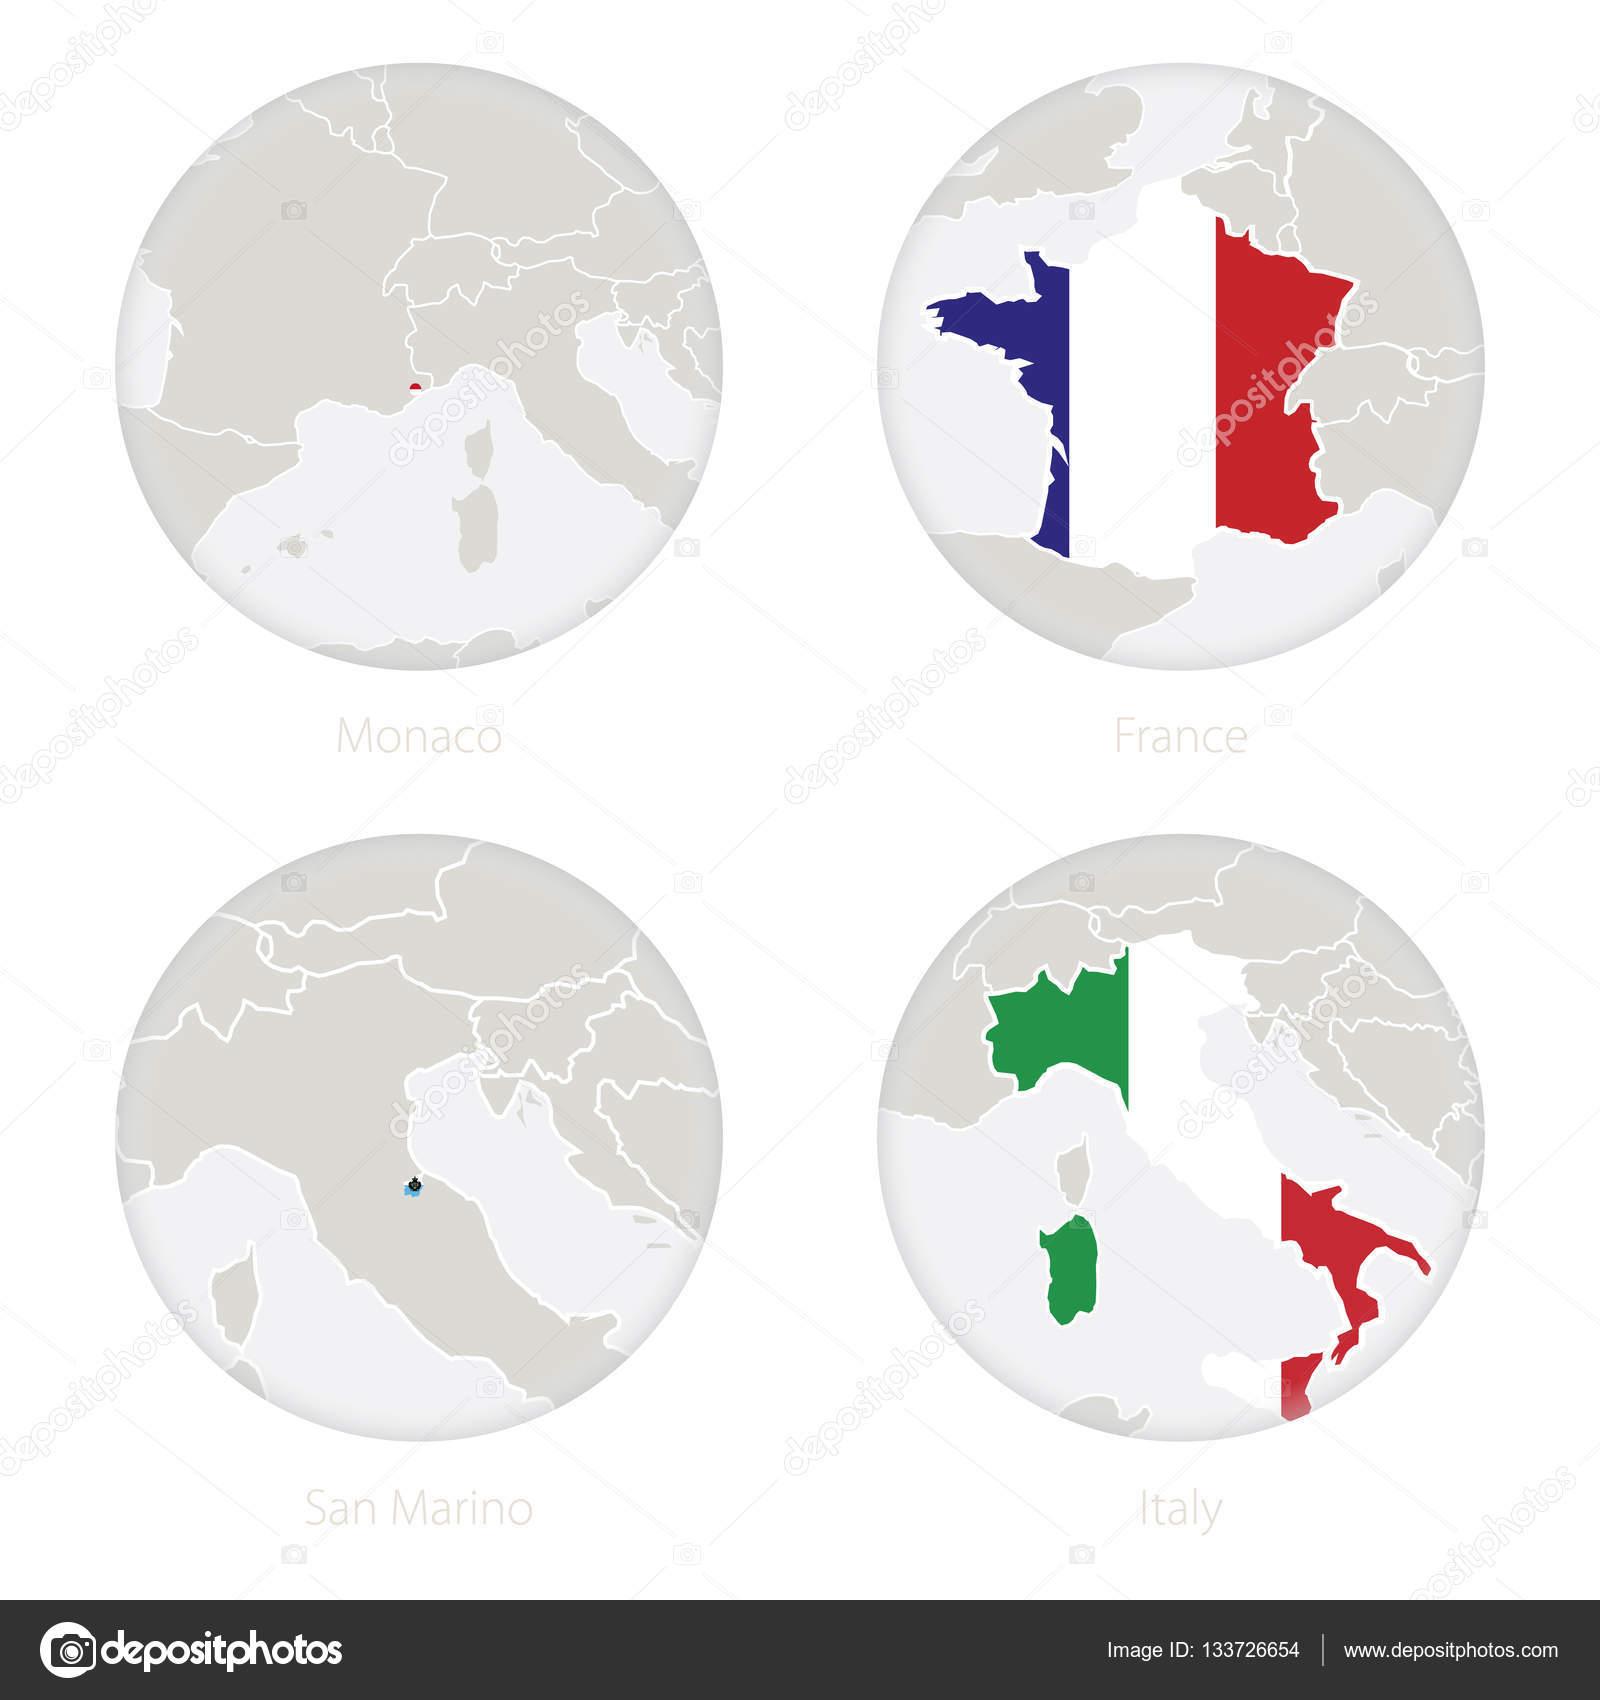 Monaco Italien Karte.Italien Frankreich Monaco Und San Marino Karte Kontur Und